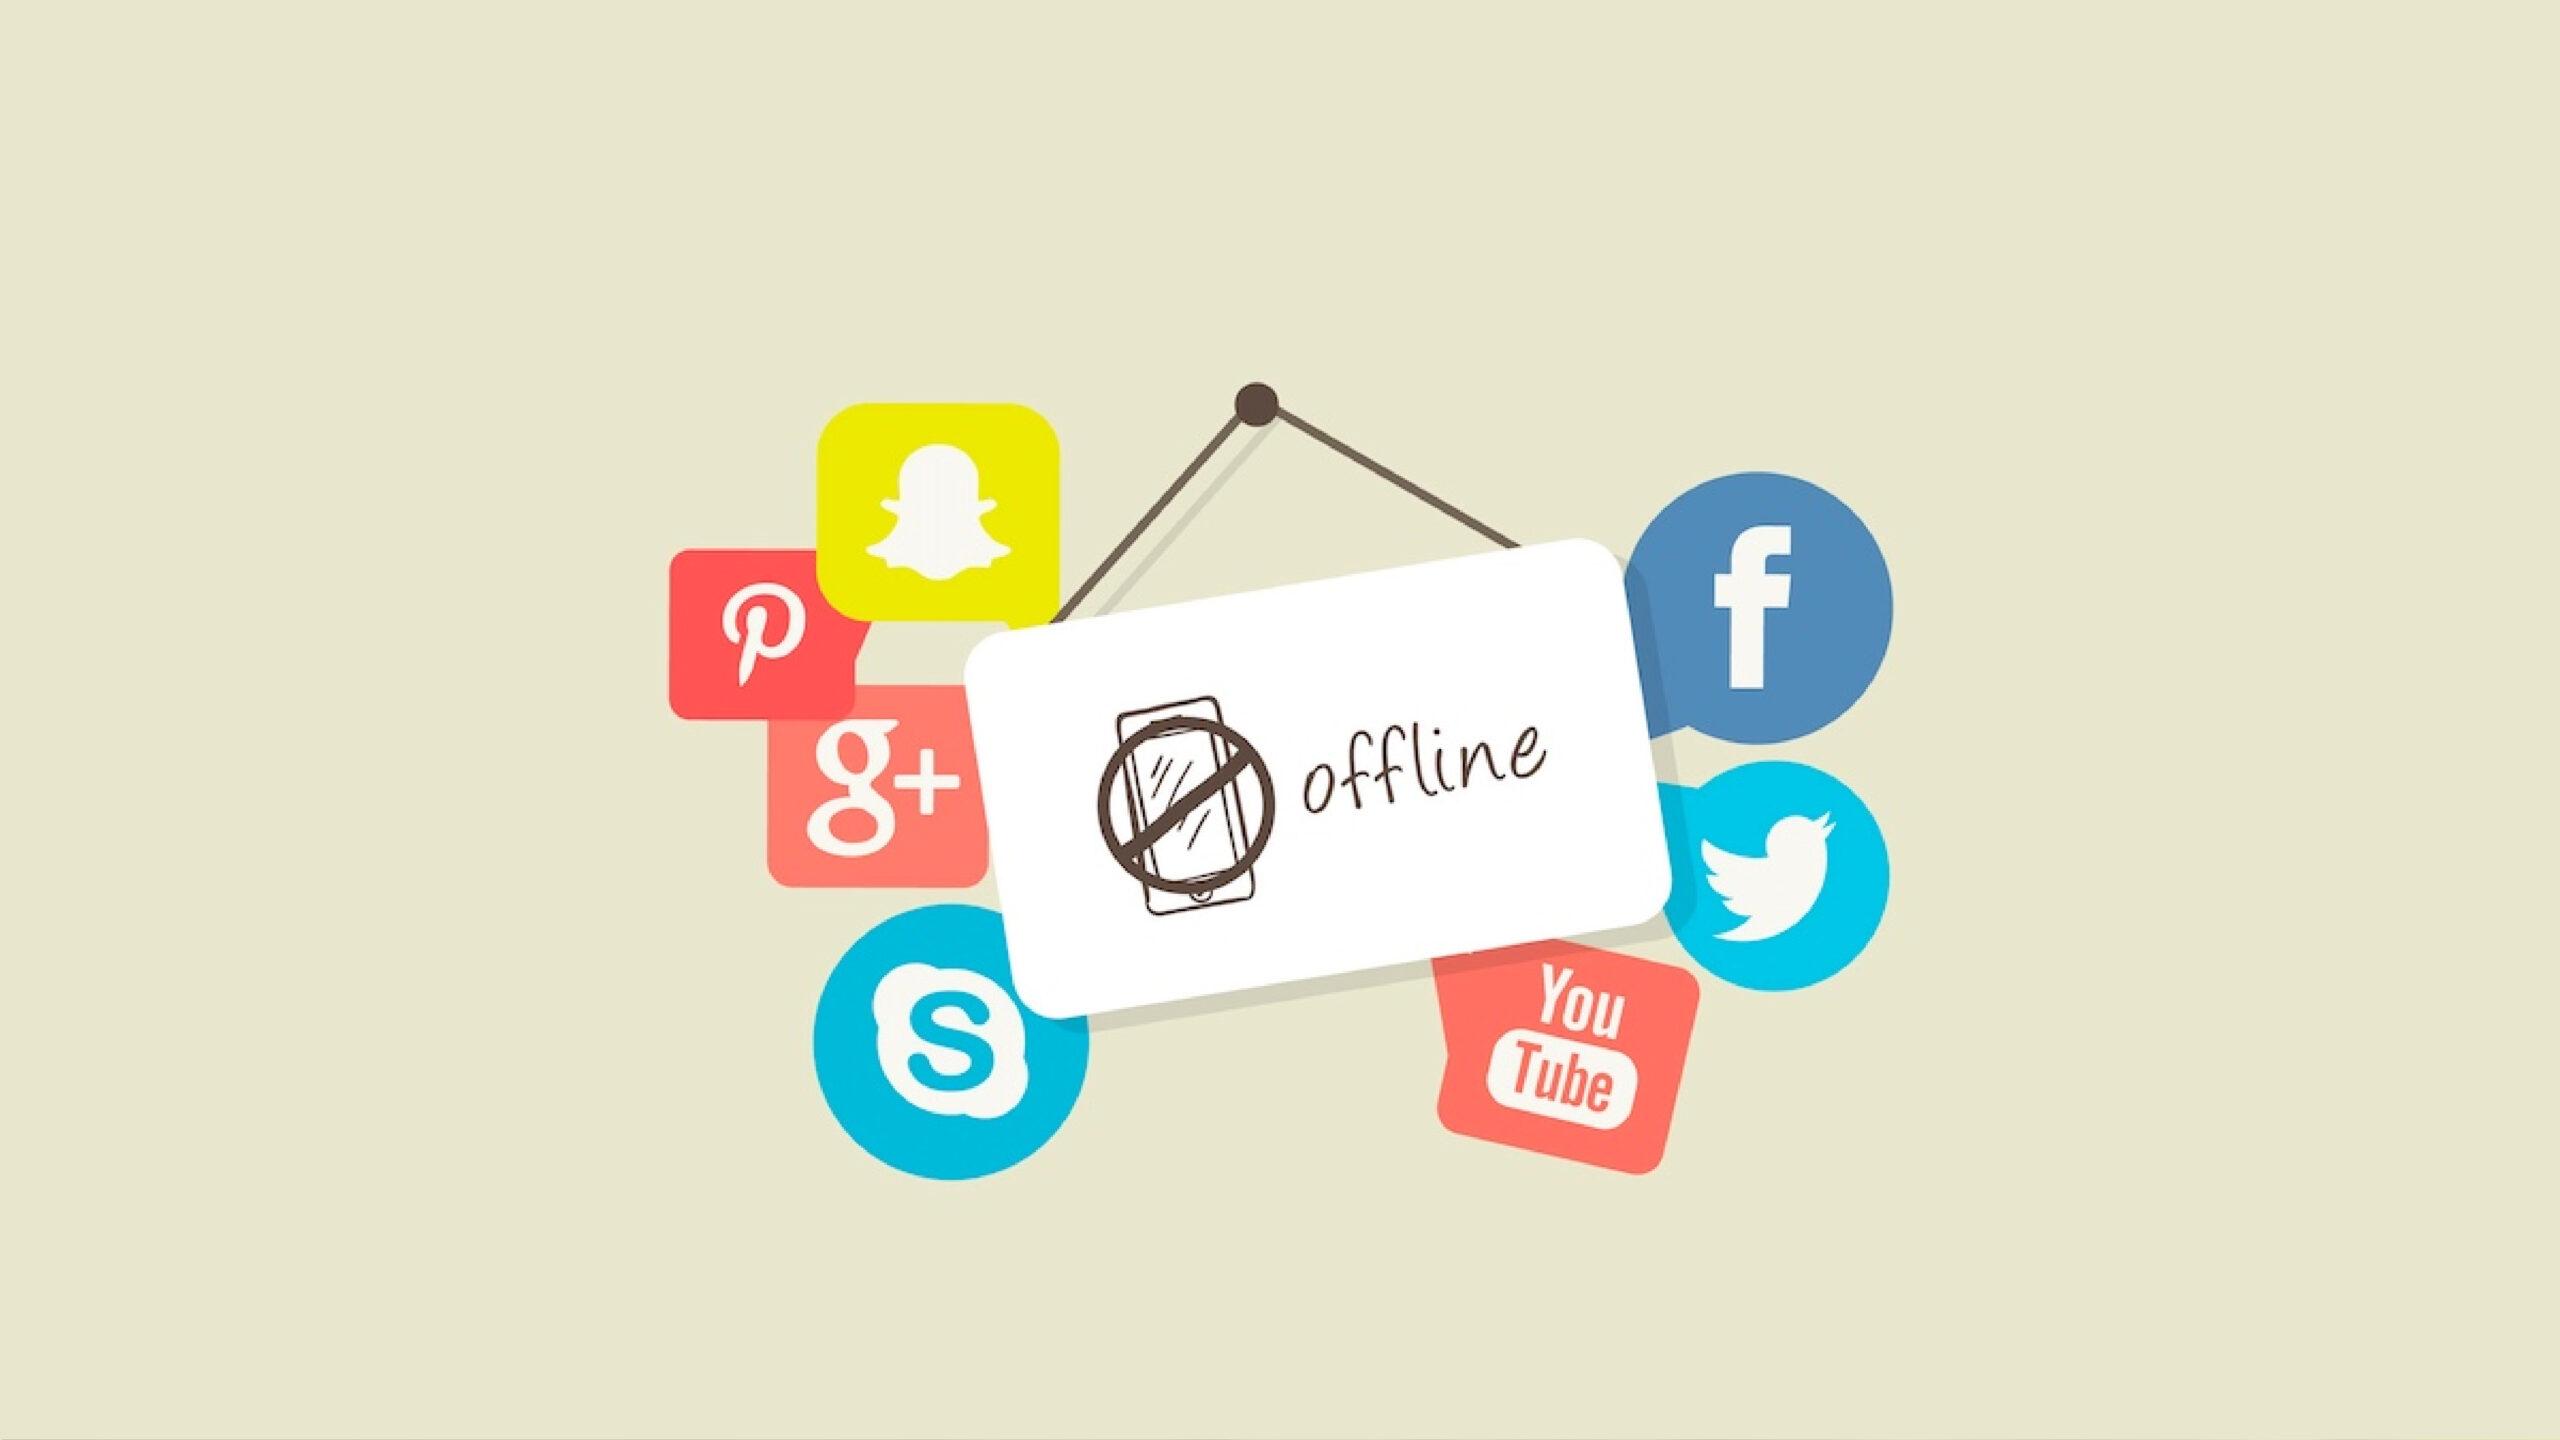 Social media off